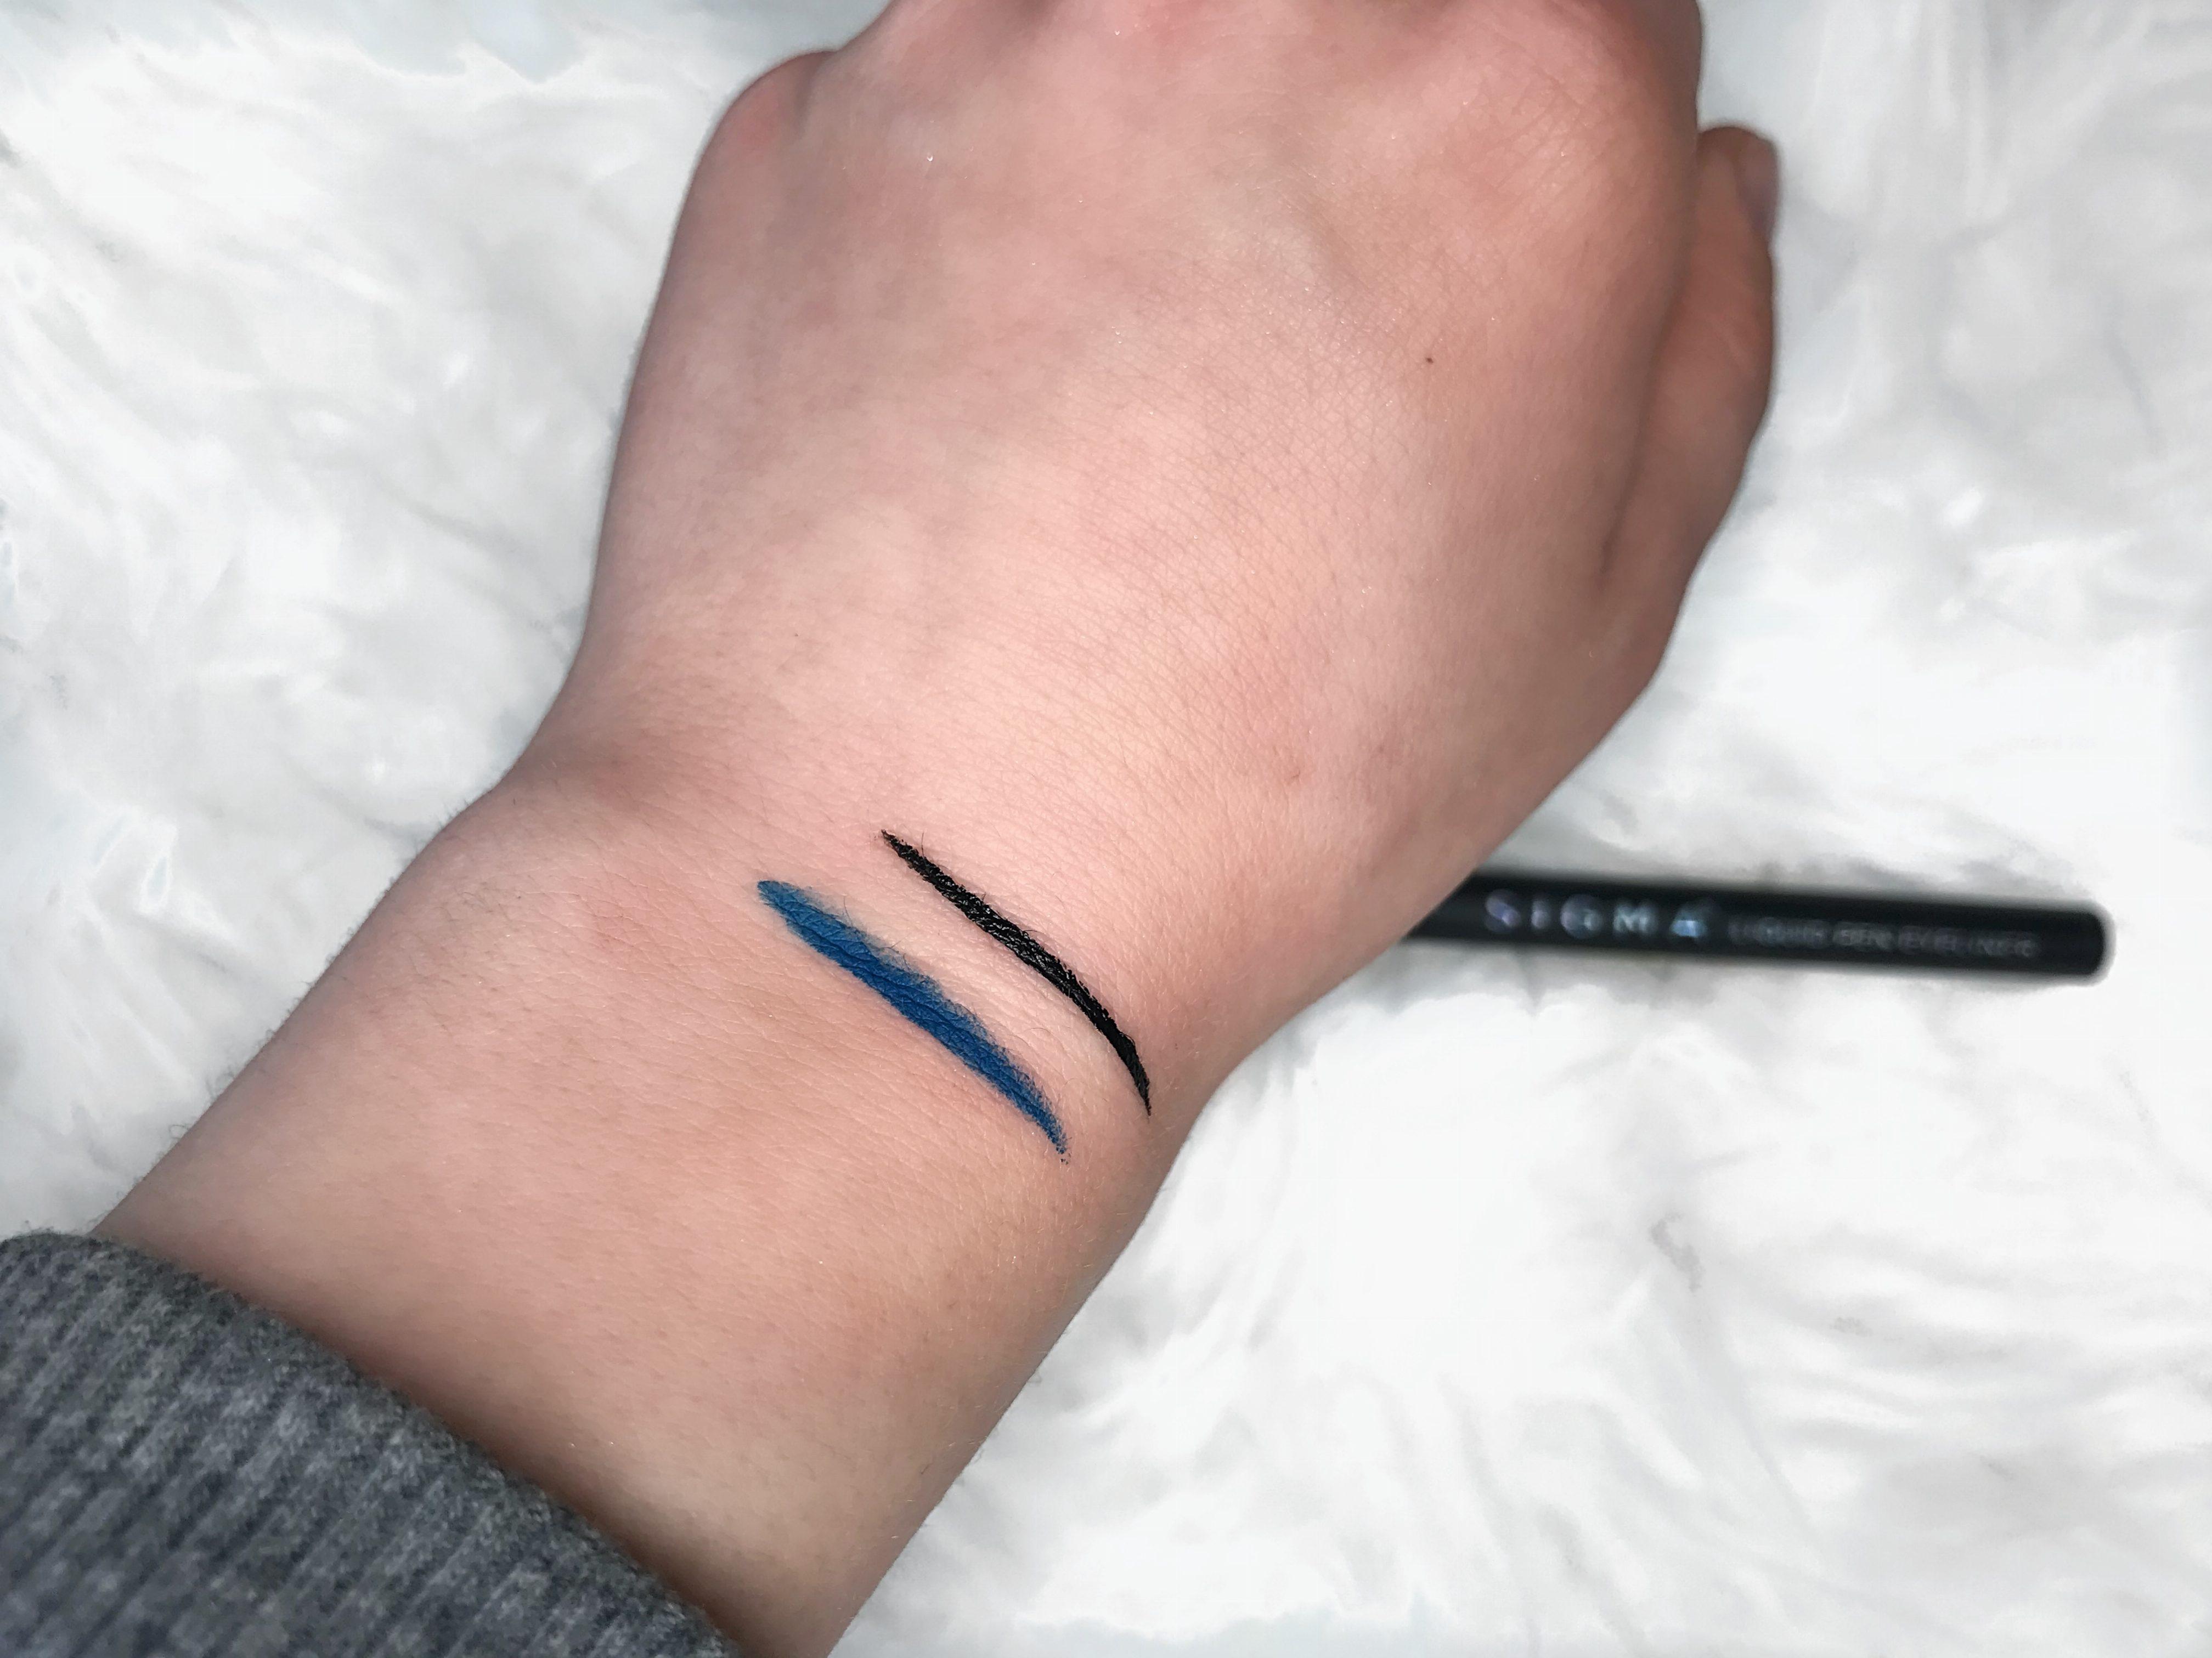 sigma beauty pen eyeliner wicked swatch